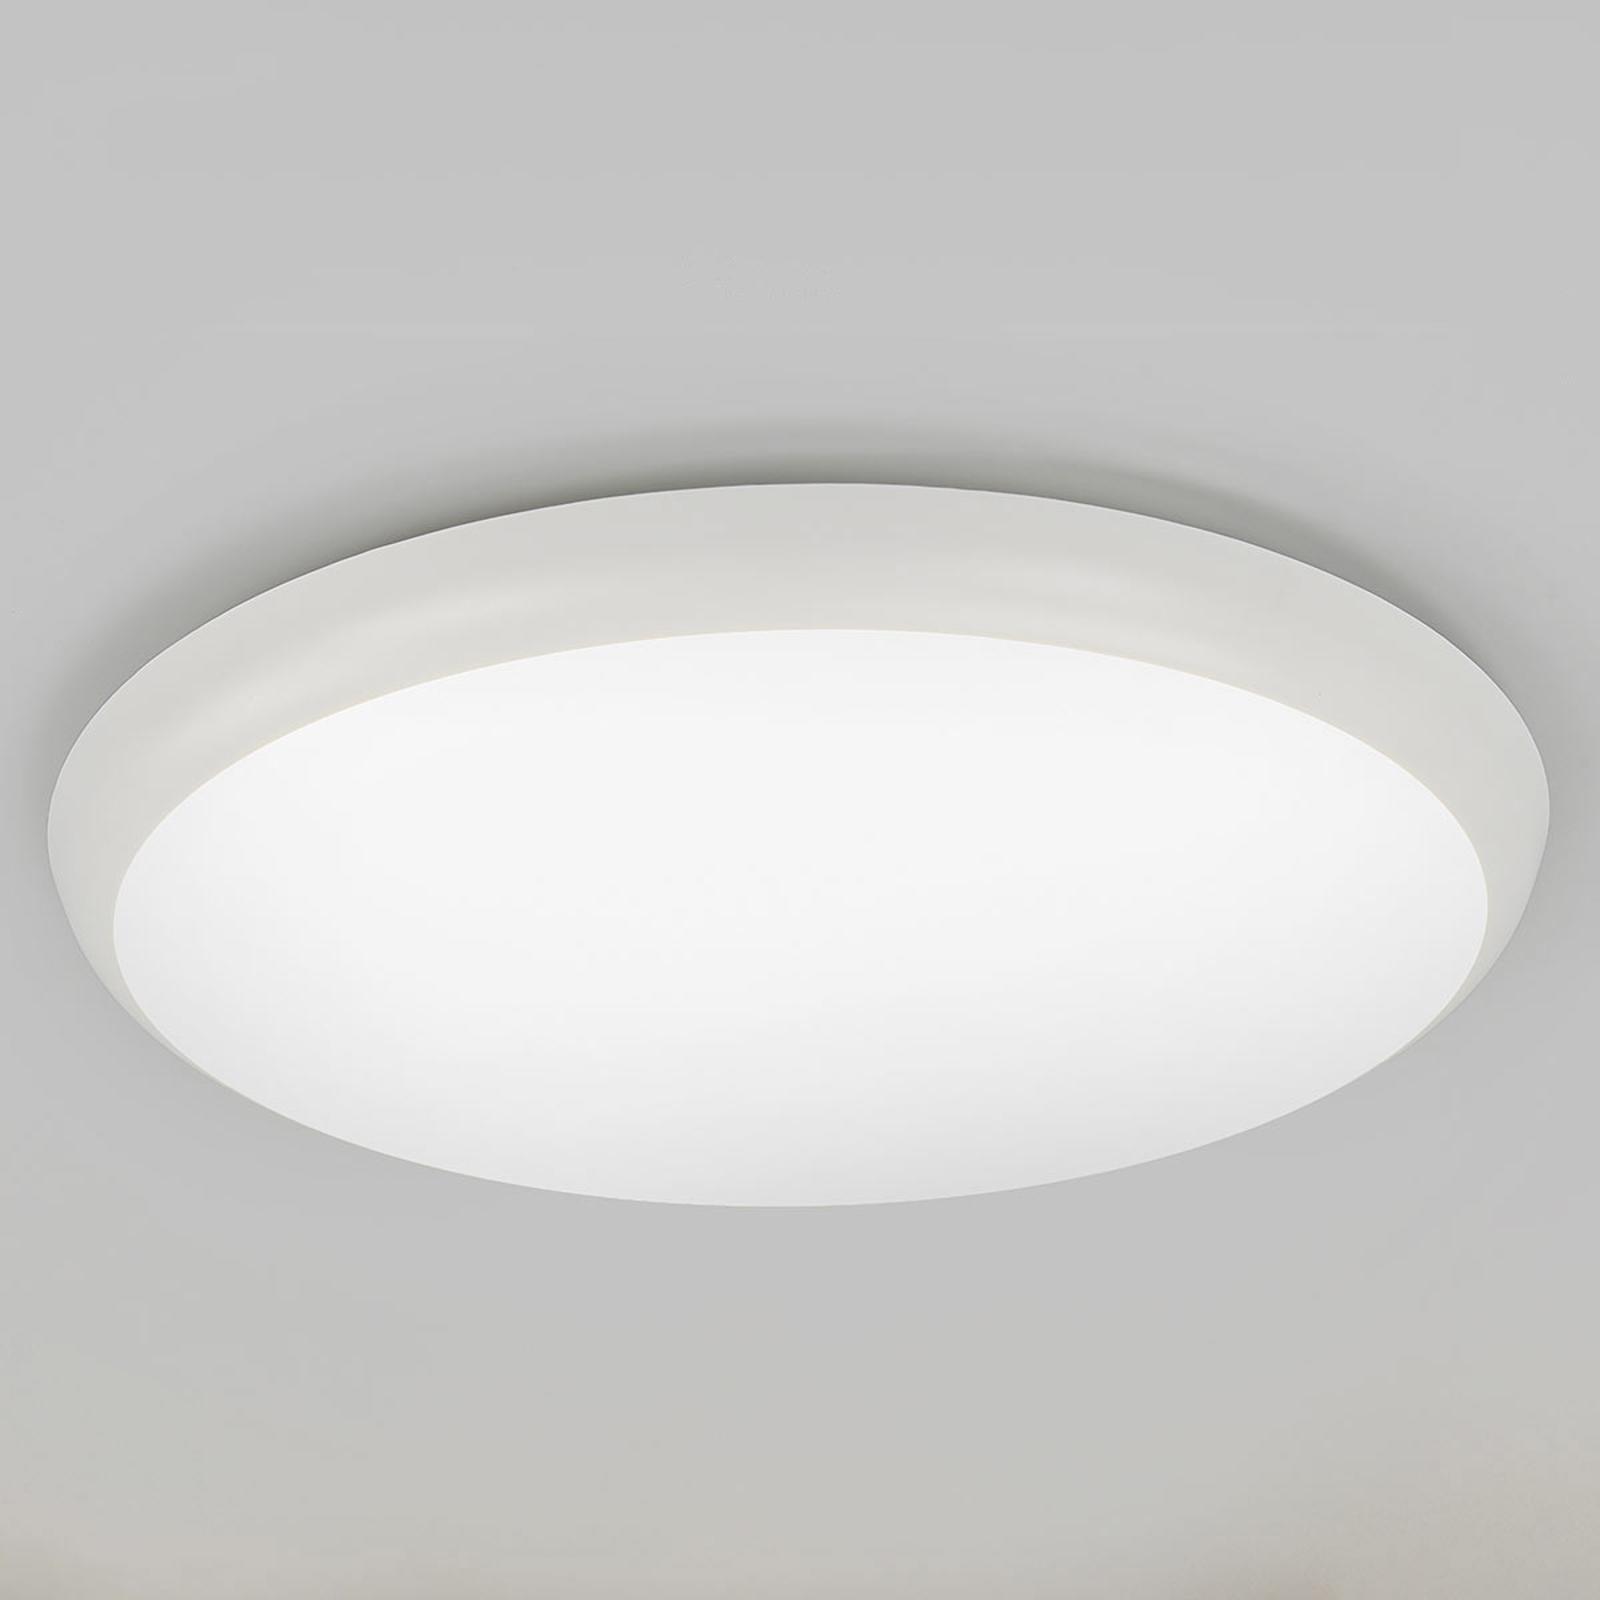 Augustin - LED plafondlamp in ronde vorm, 40 cm